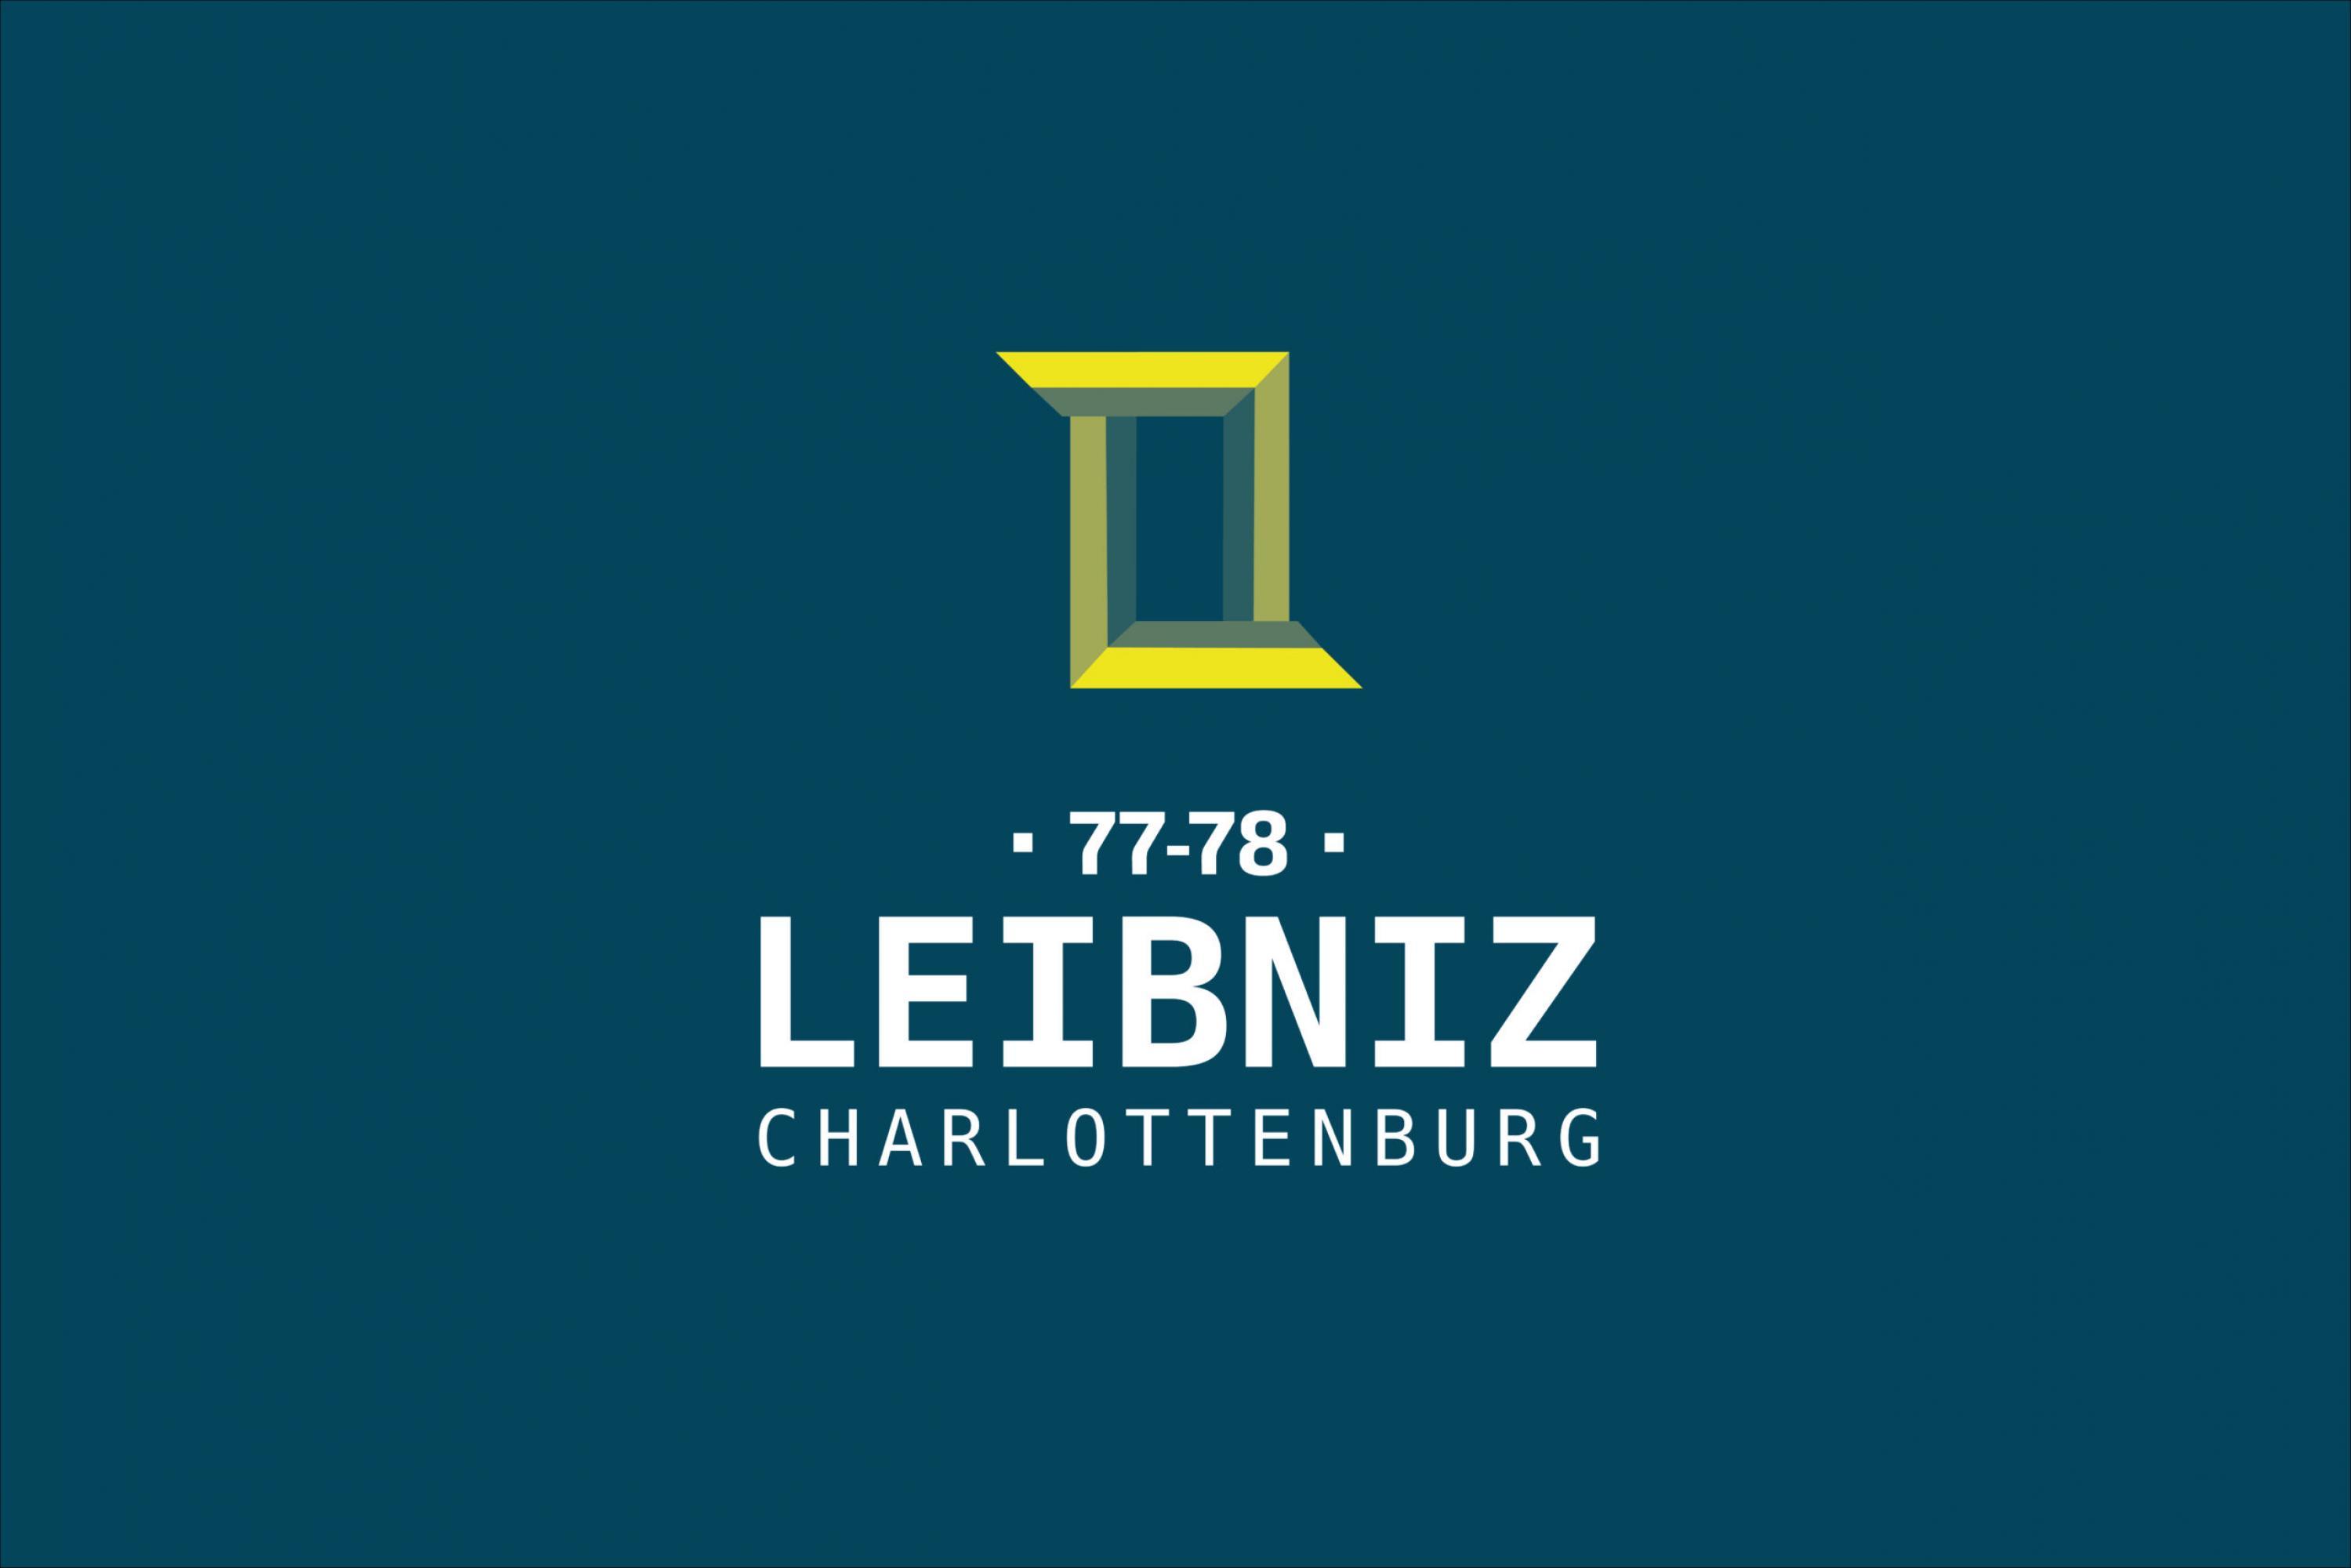 Leibniz-Logo-Design-Trendcity-Immobilien-FORMLOS-berlin__Zeichenfläche 1